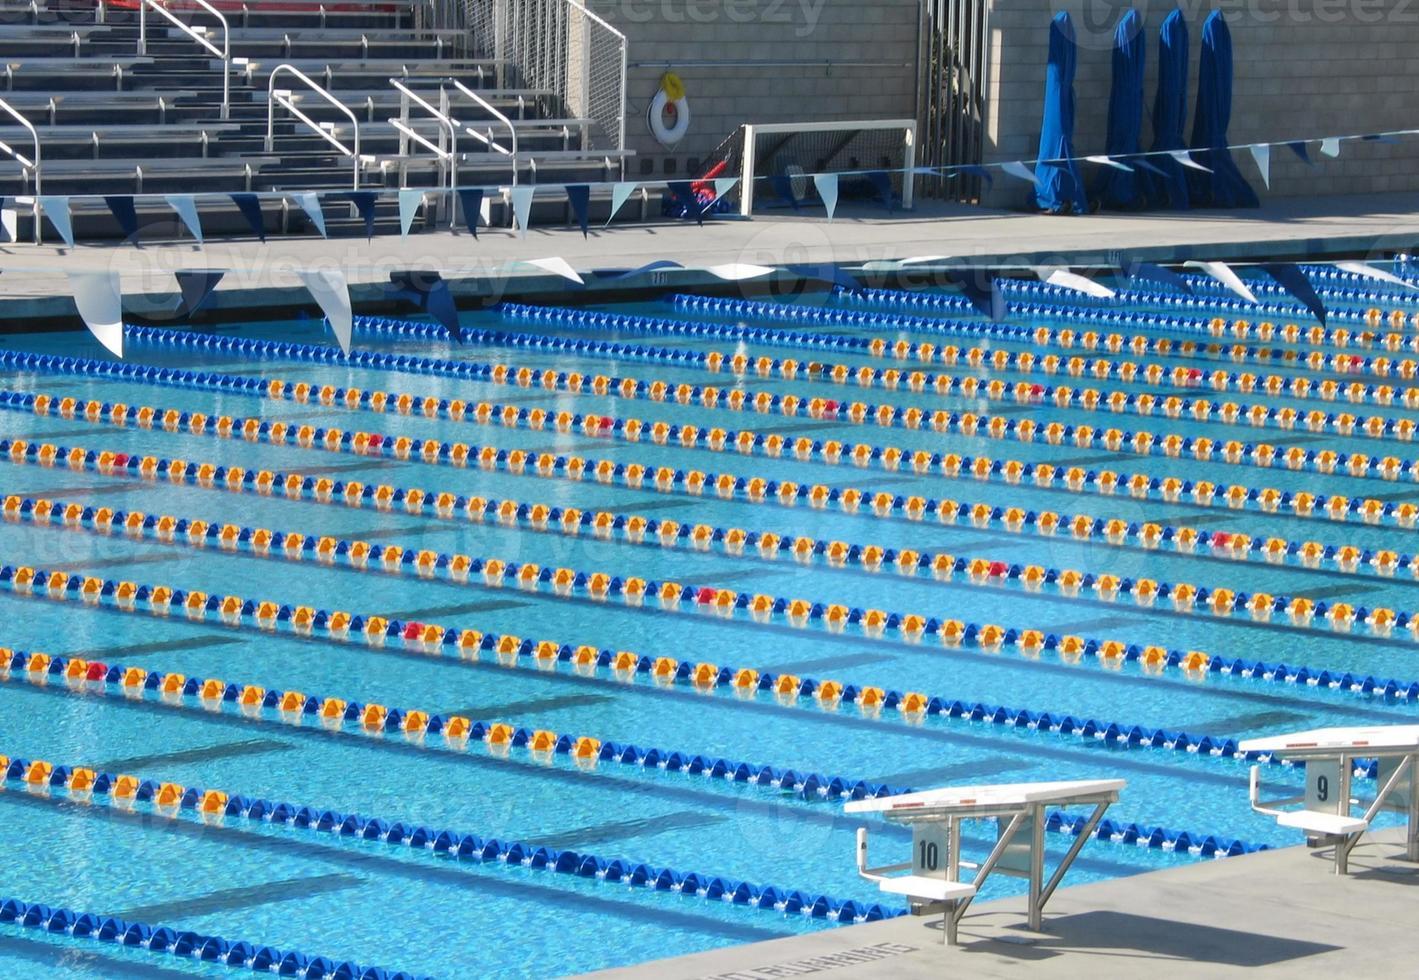 groot zwembad met meerdere banen foto